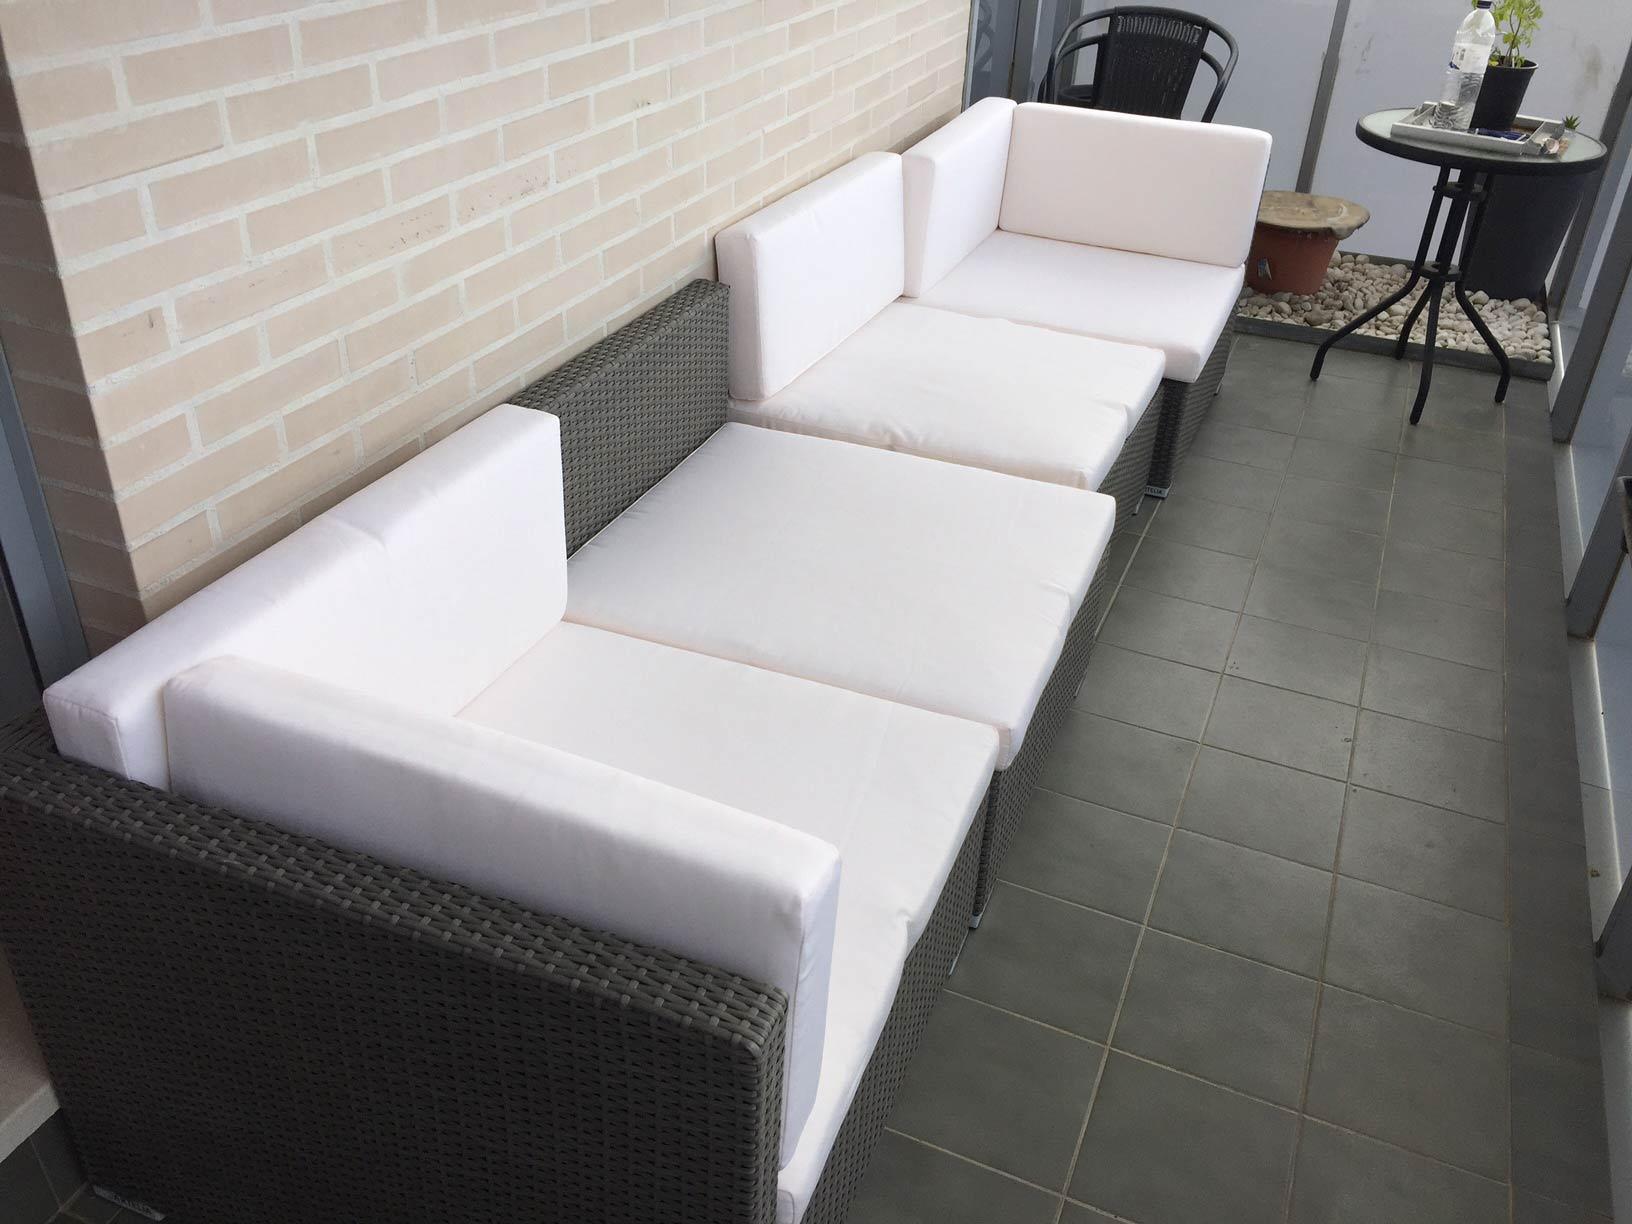 artelia austria gartenm bel set im lounge design g nstig im rattan shop kaufen. Black Bedroom Furniture Sets. Home Design Ideas